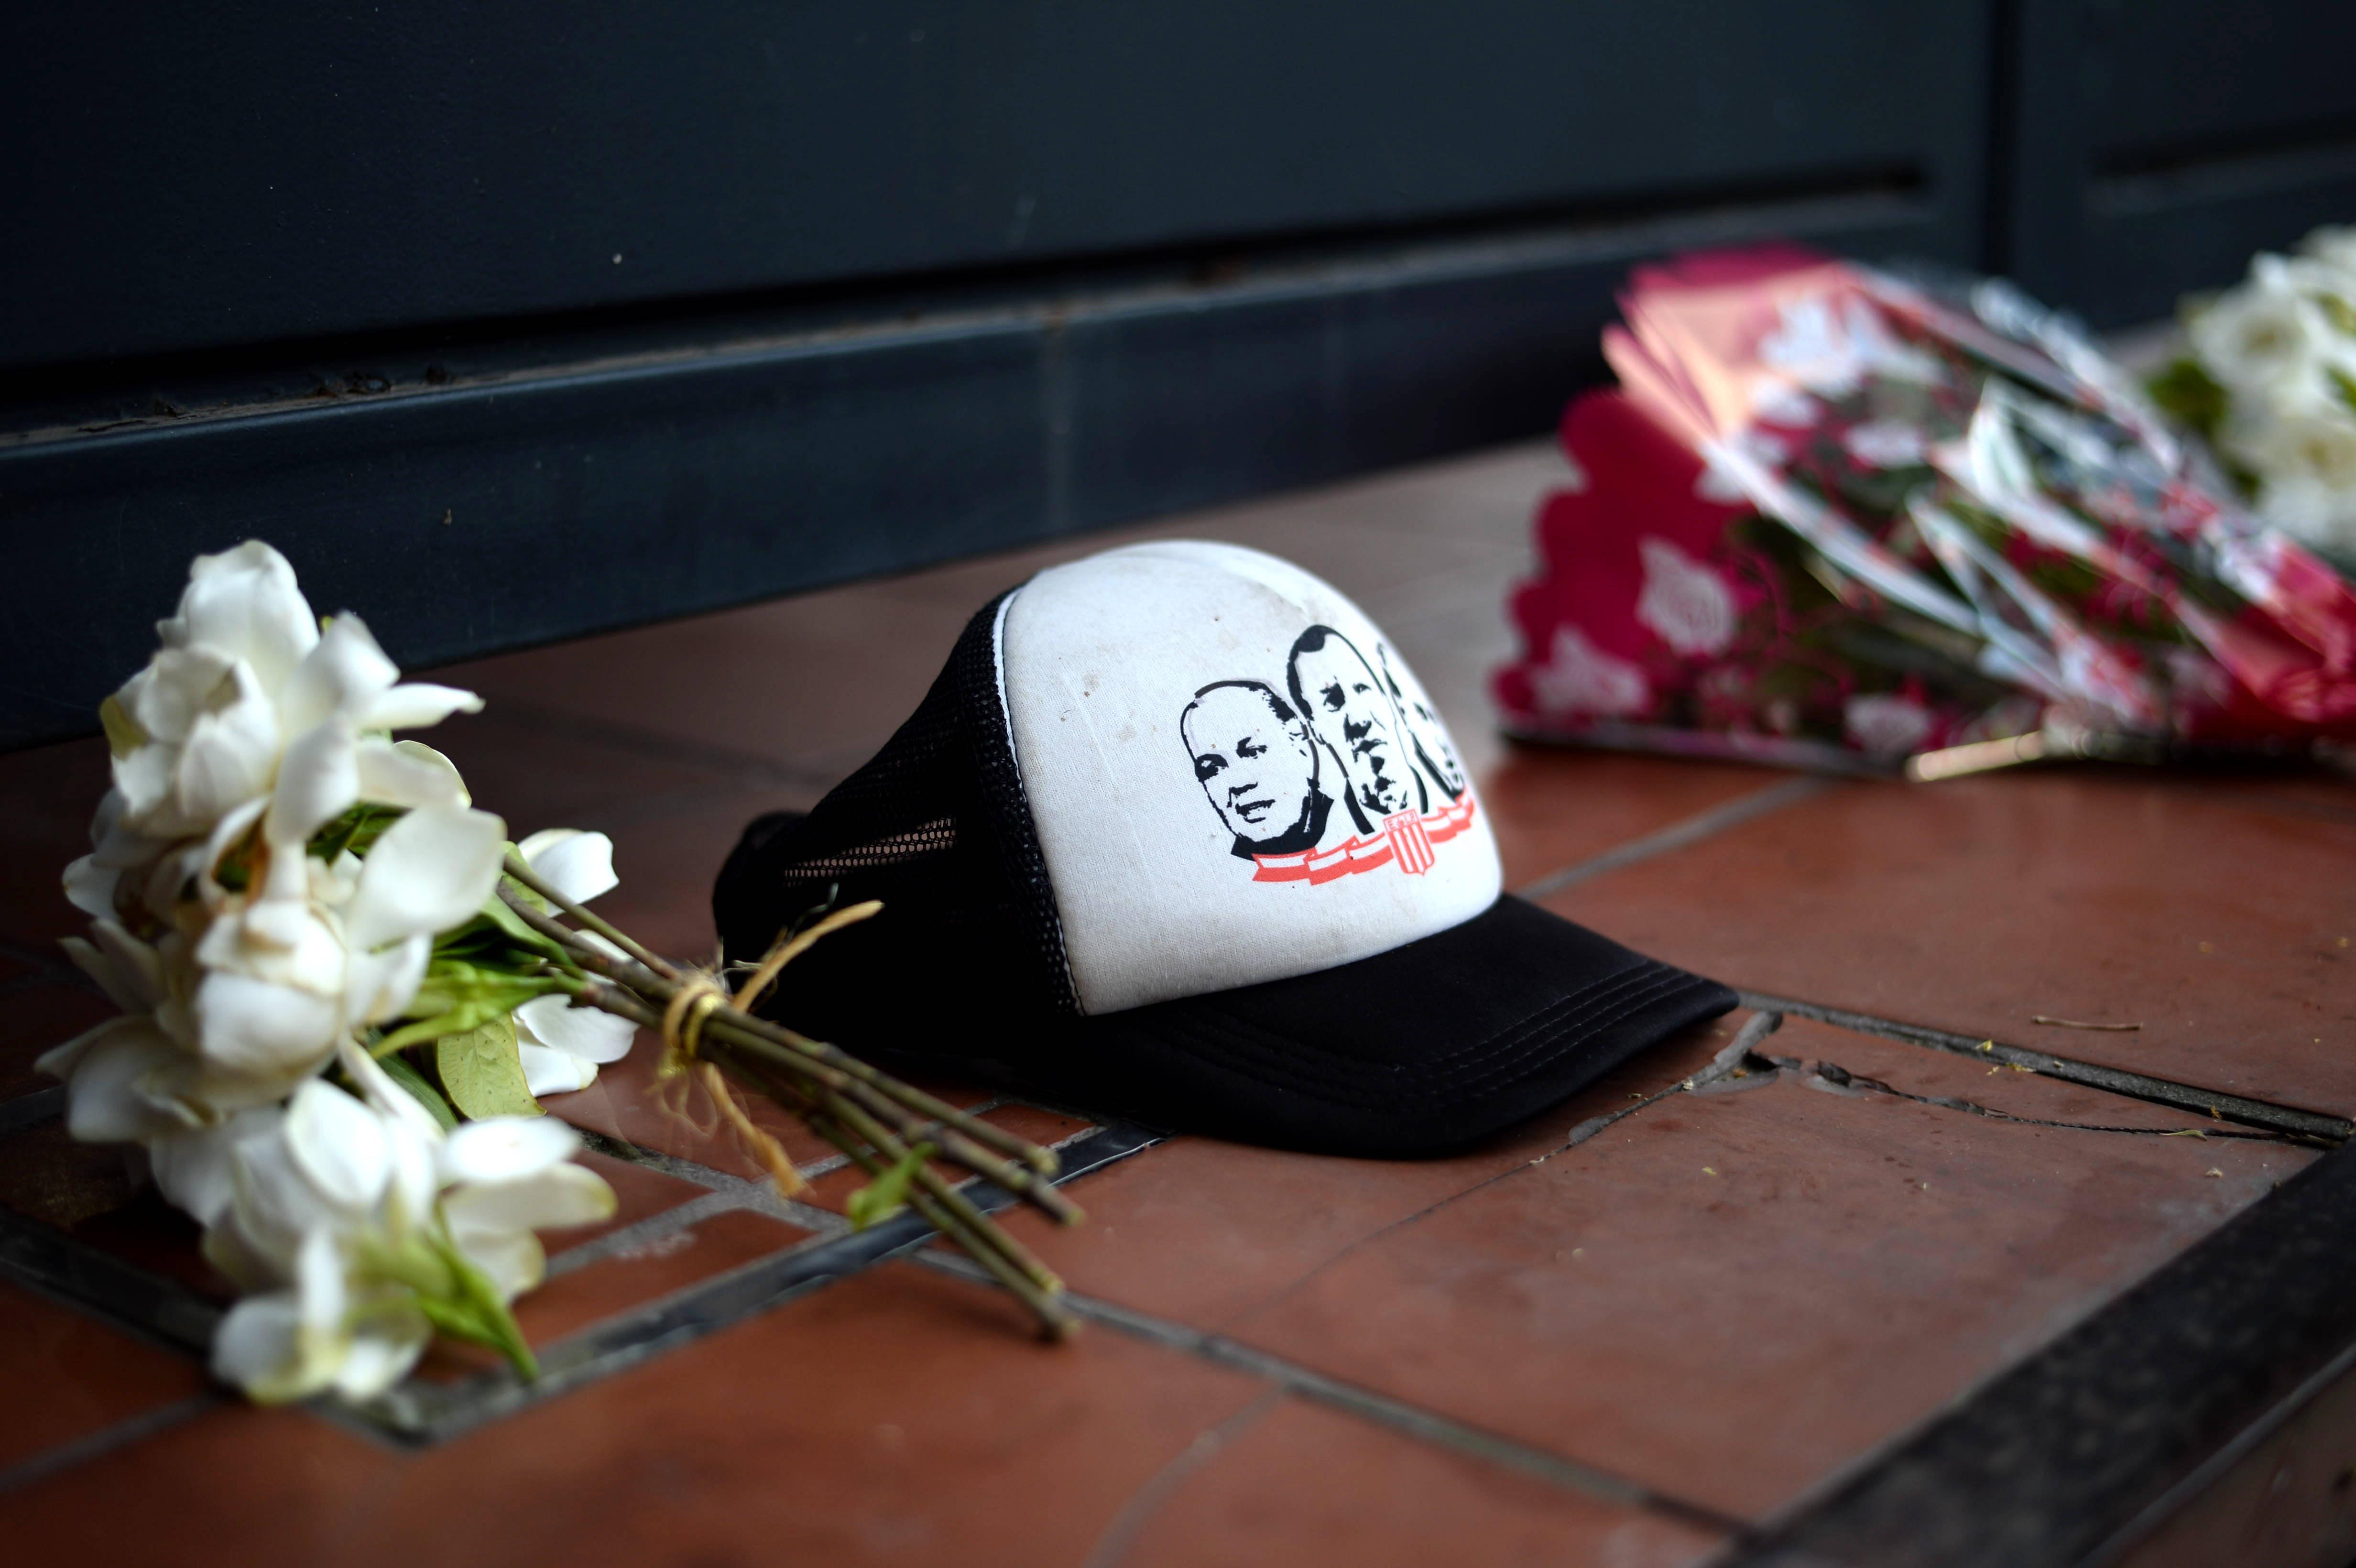 Las muestras de pesar se dieron en el barrio de Tolosa donde vivía Sabella